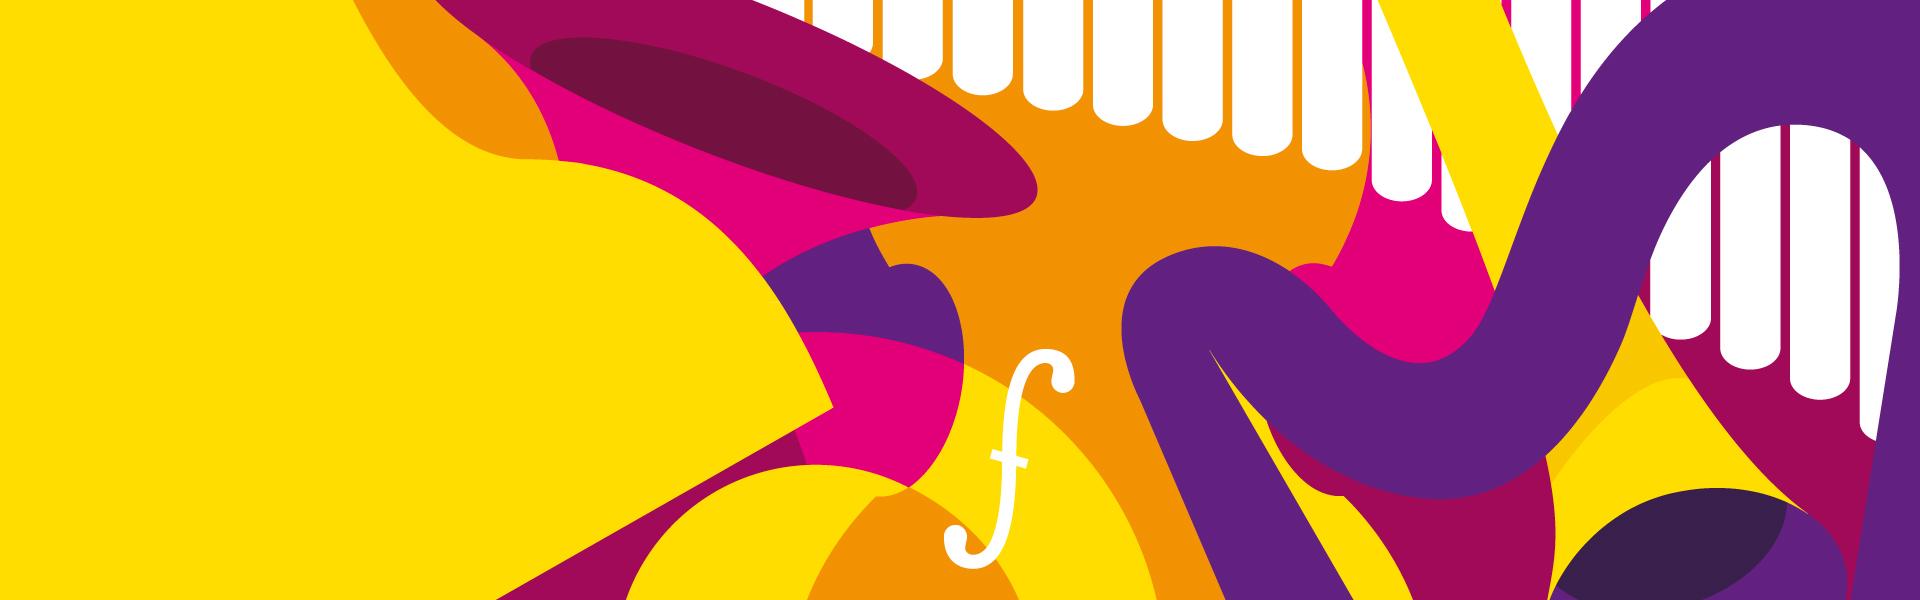 XXXVI Festival Ibérico de Música de Badajoz